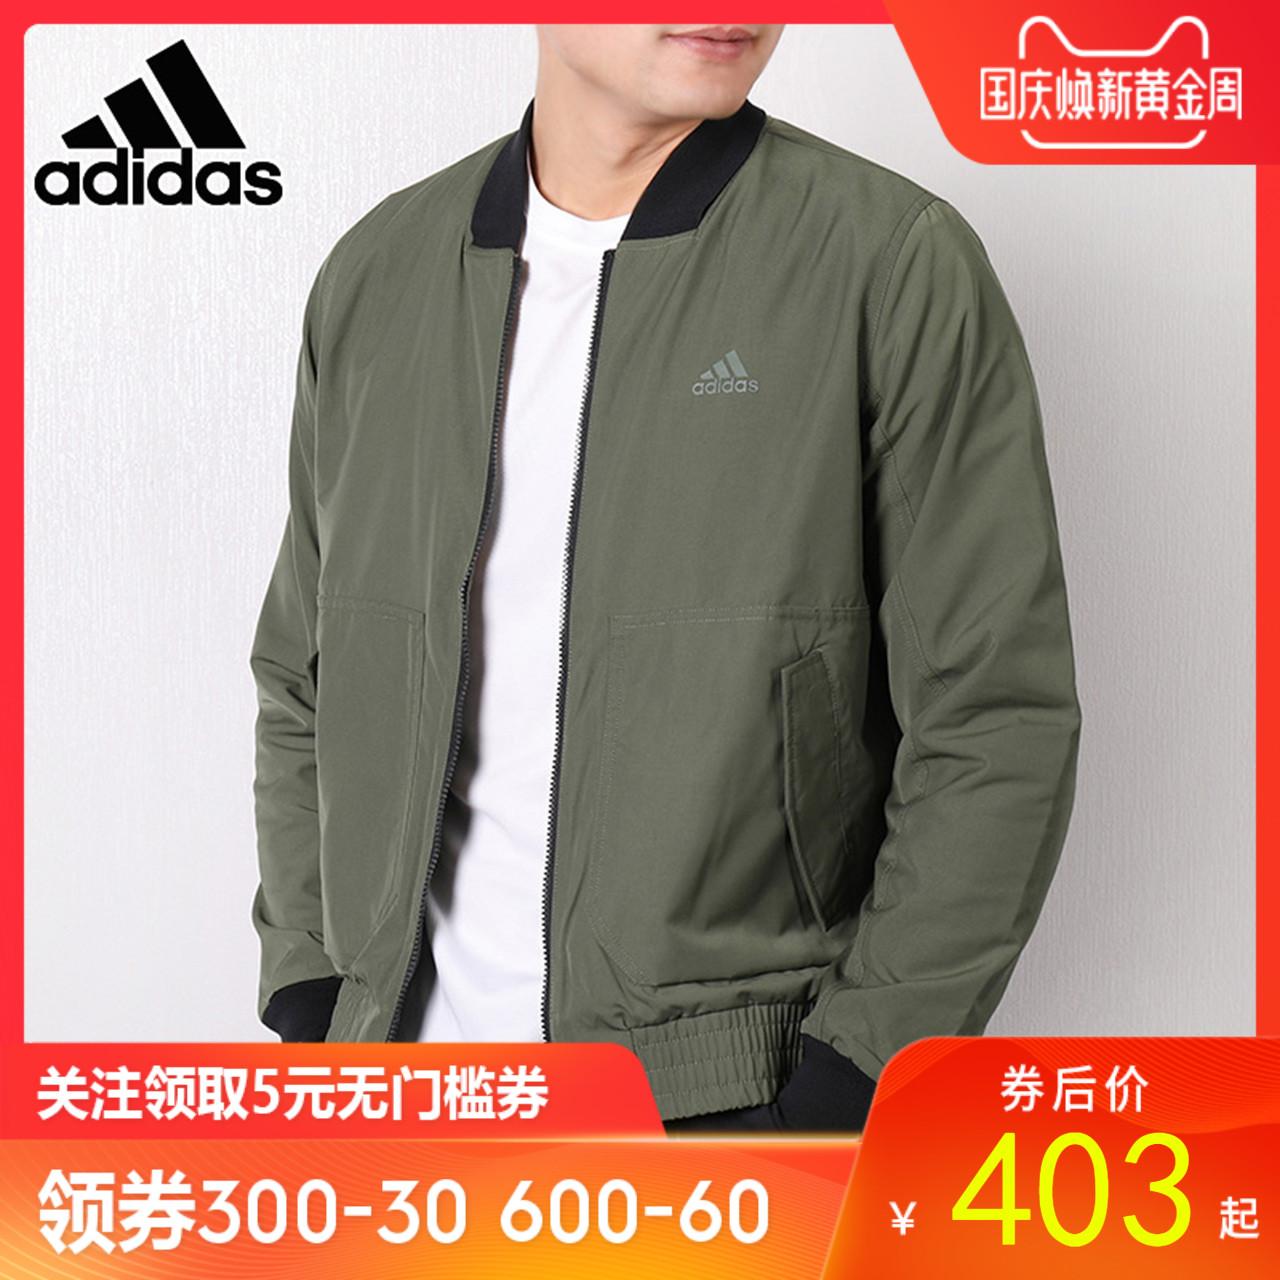 满300元可用30元优惠券Adidas阿迪达斯男装2019新款立领运动服休闲夹克棒球服外套DT2487